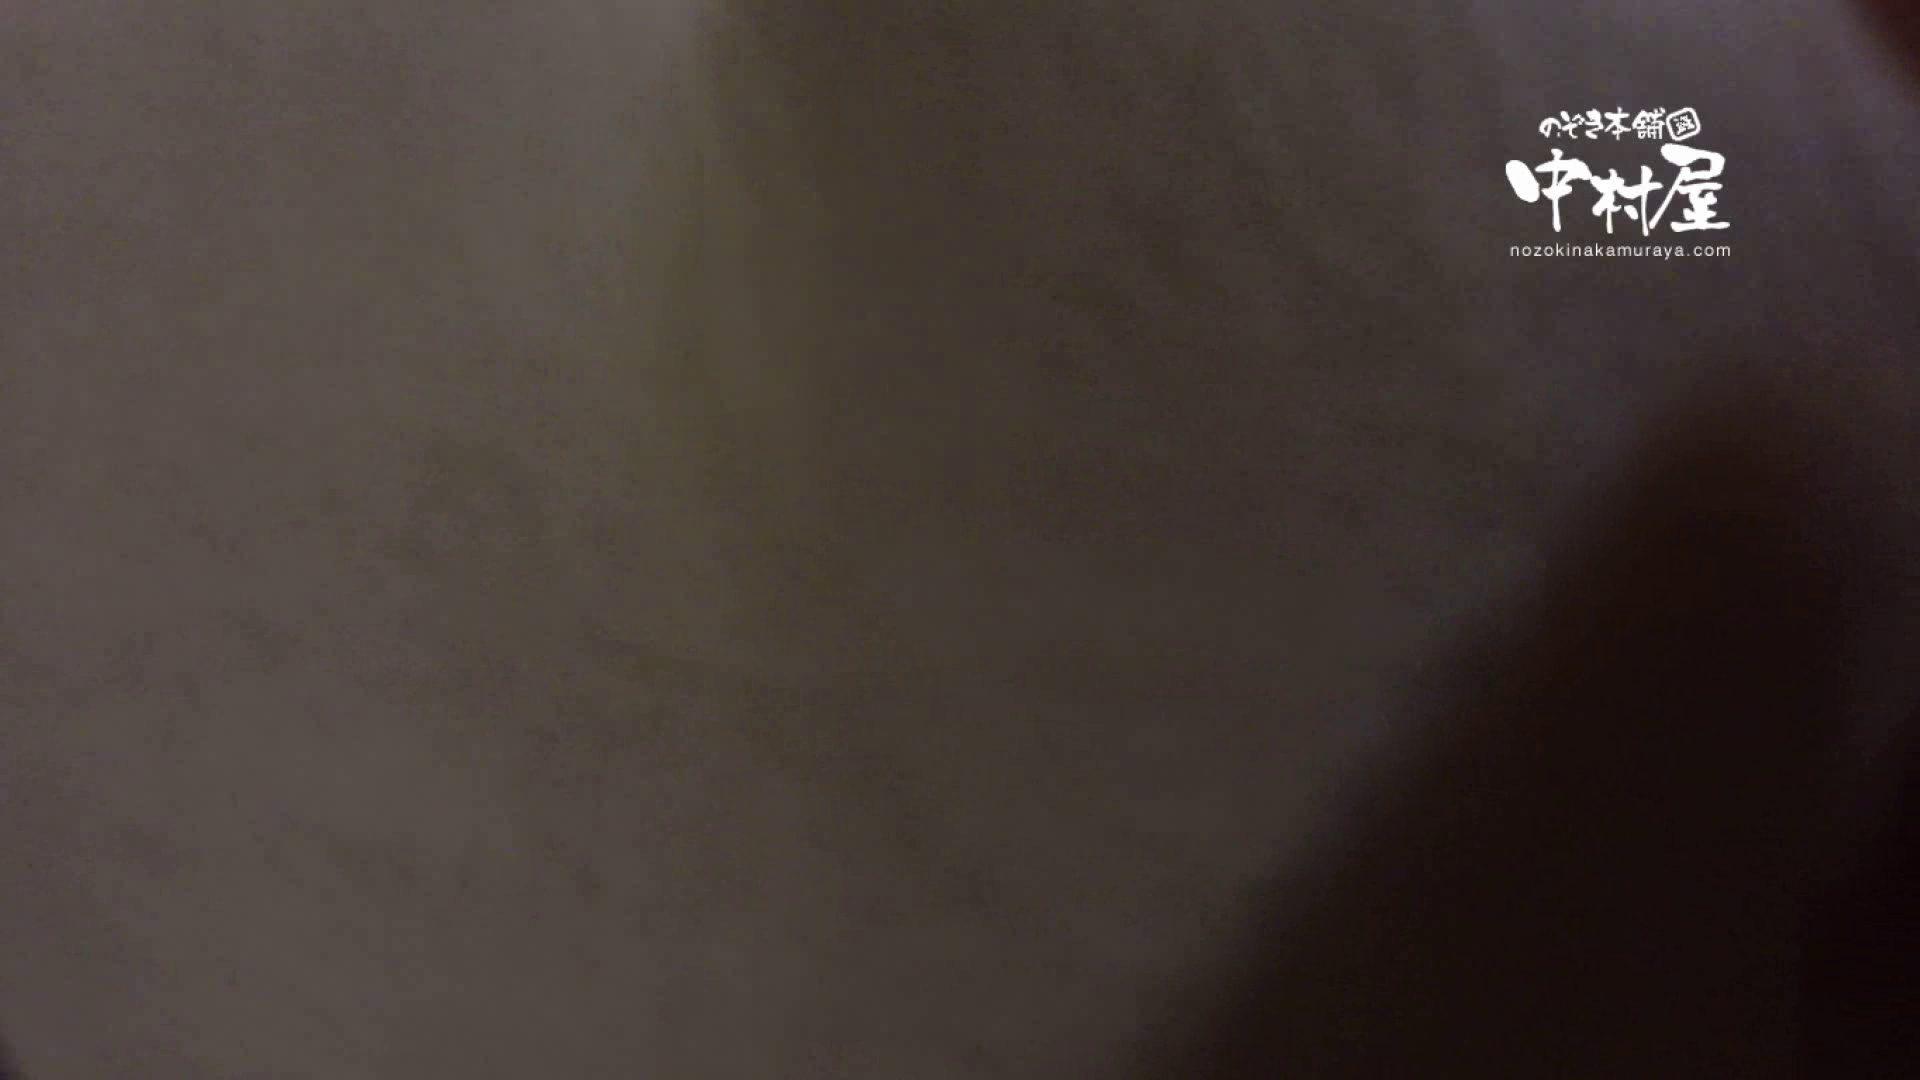 鬼畜 vol.06 中出し処刑! 前編 中出し 隠し撮りAV無料 109PICs 5